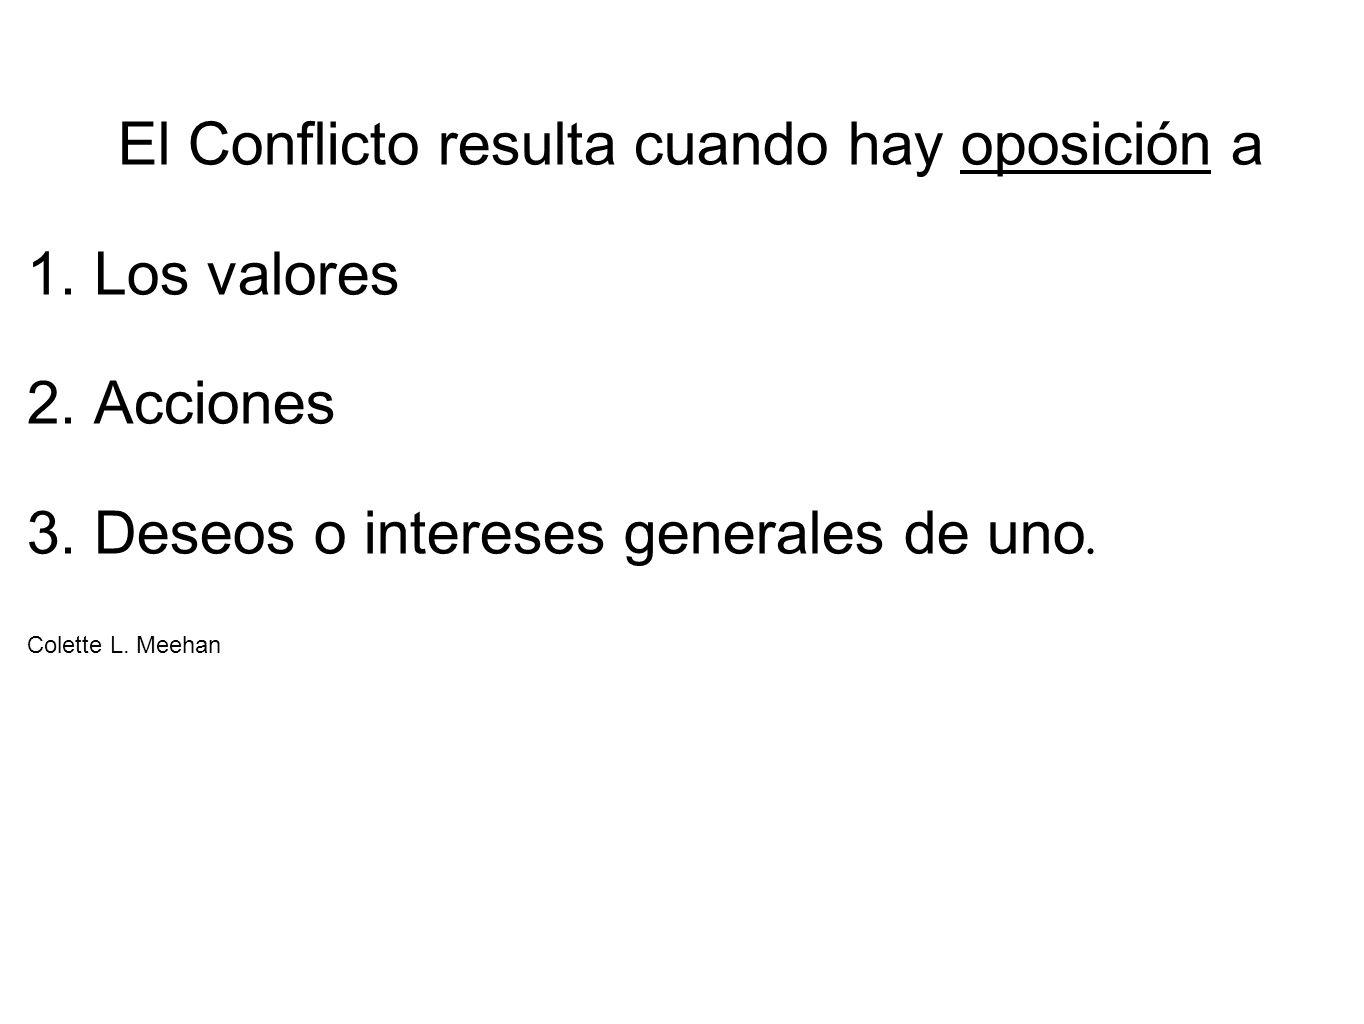 El Conflicto resulta cuando hay oposición a 1. Los valores 2. Acciones 3. Deseos o intereses generales de uno. Colette L. Meehan